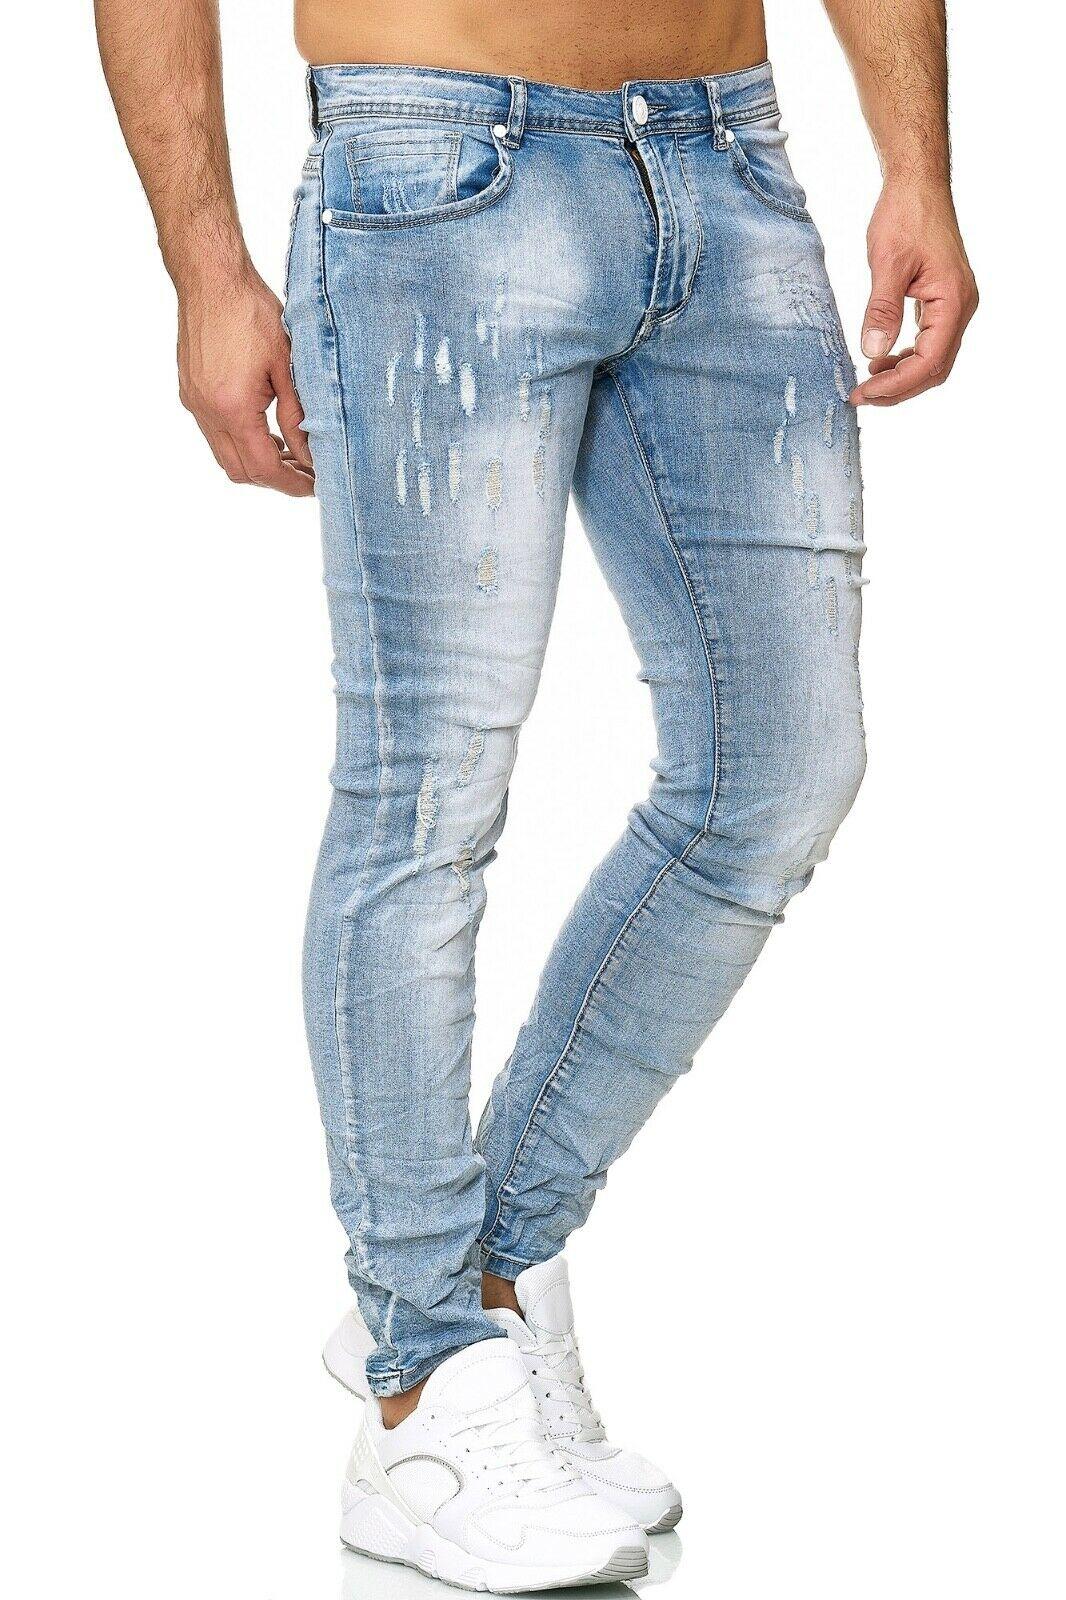 Herren-Jeanshosen-Stretch-Hose-Slim-fit-SKINNY-Jeans-Blau-Schwarz-Grau-Weiss Indexbild 30